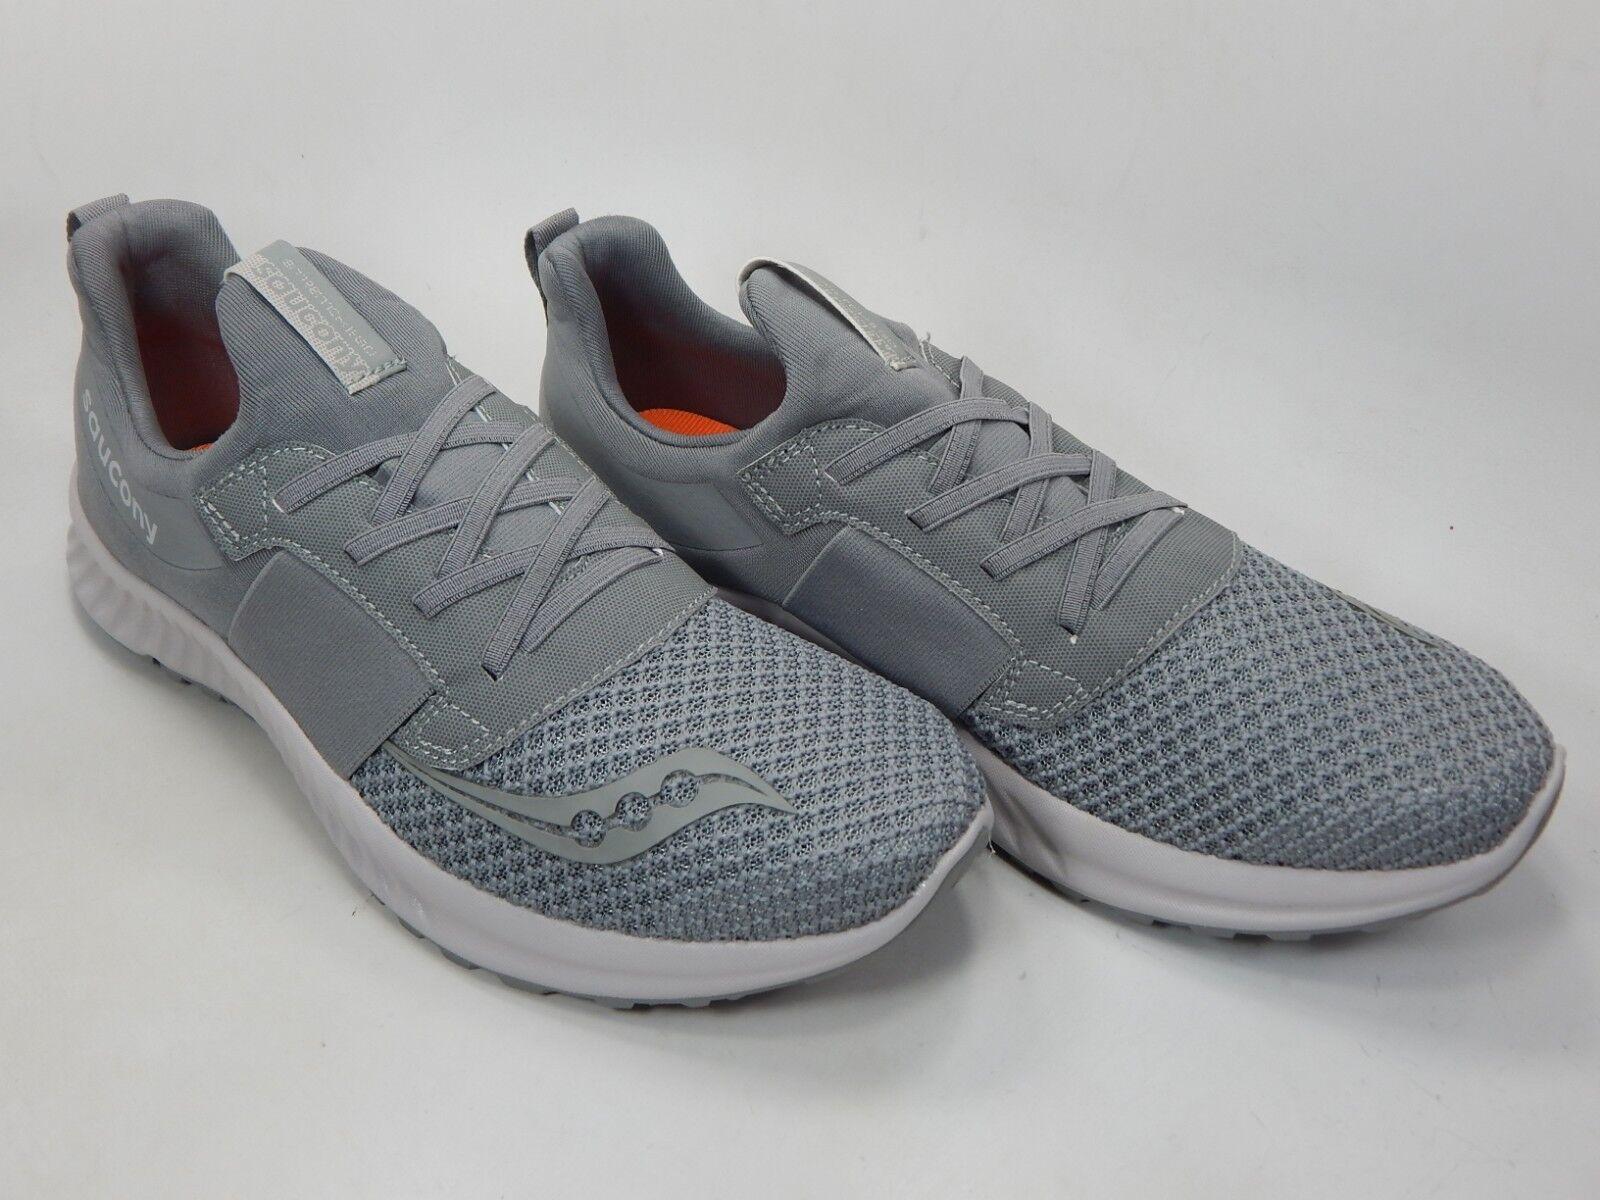 Saucony Stretch N Go Breeze Size 9 M (D) EU 42.5 Men's shoes Grey S40020-2